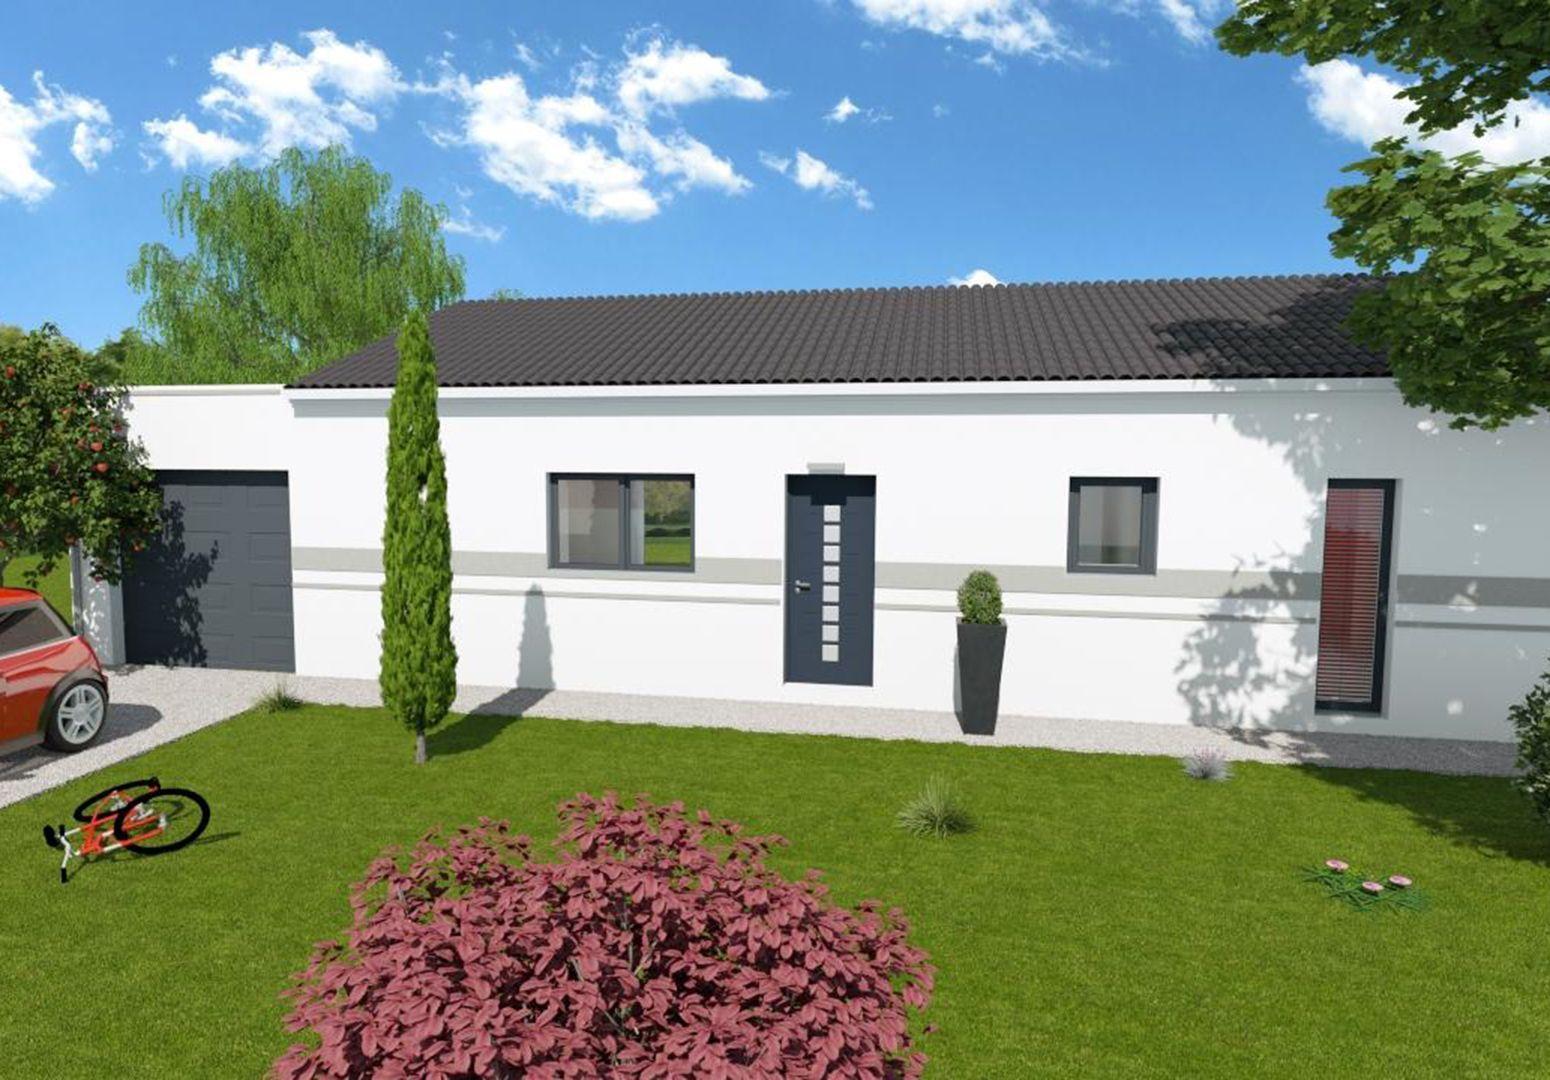 Photo 1 de la maison SANTIAGO 3CH87 G TP